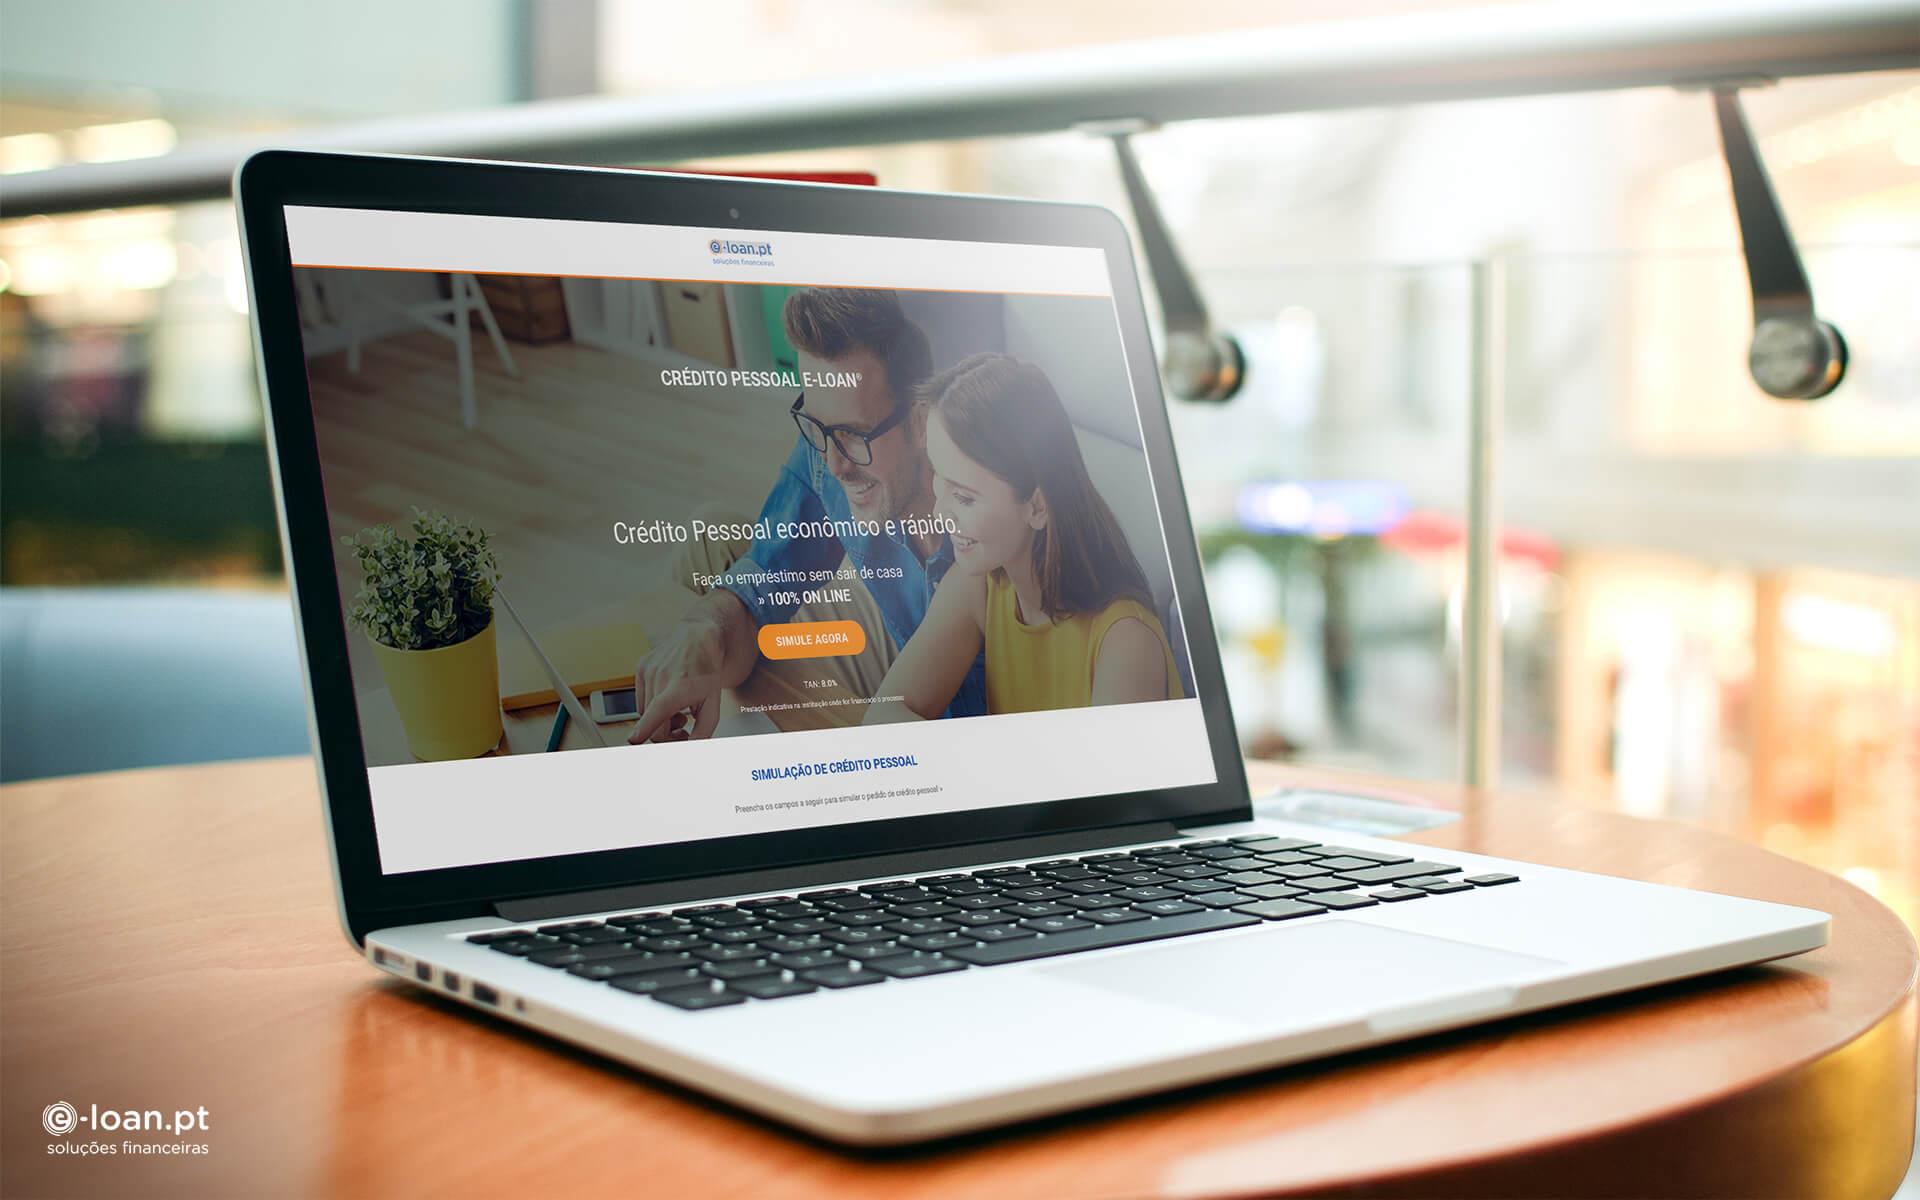 e-loan-solucoes-financeiras-credito-pessoal-opiniao